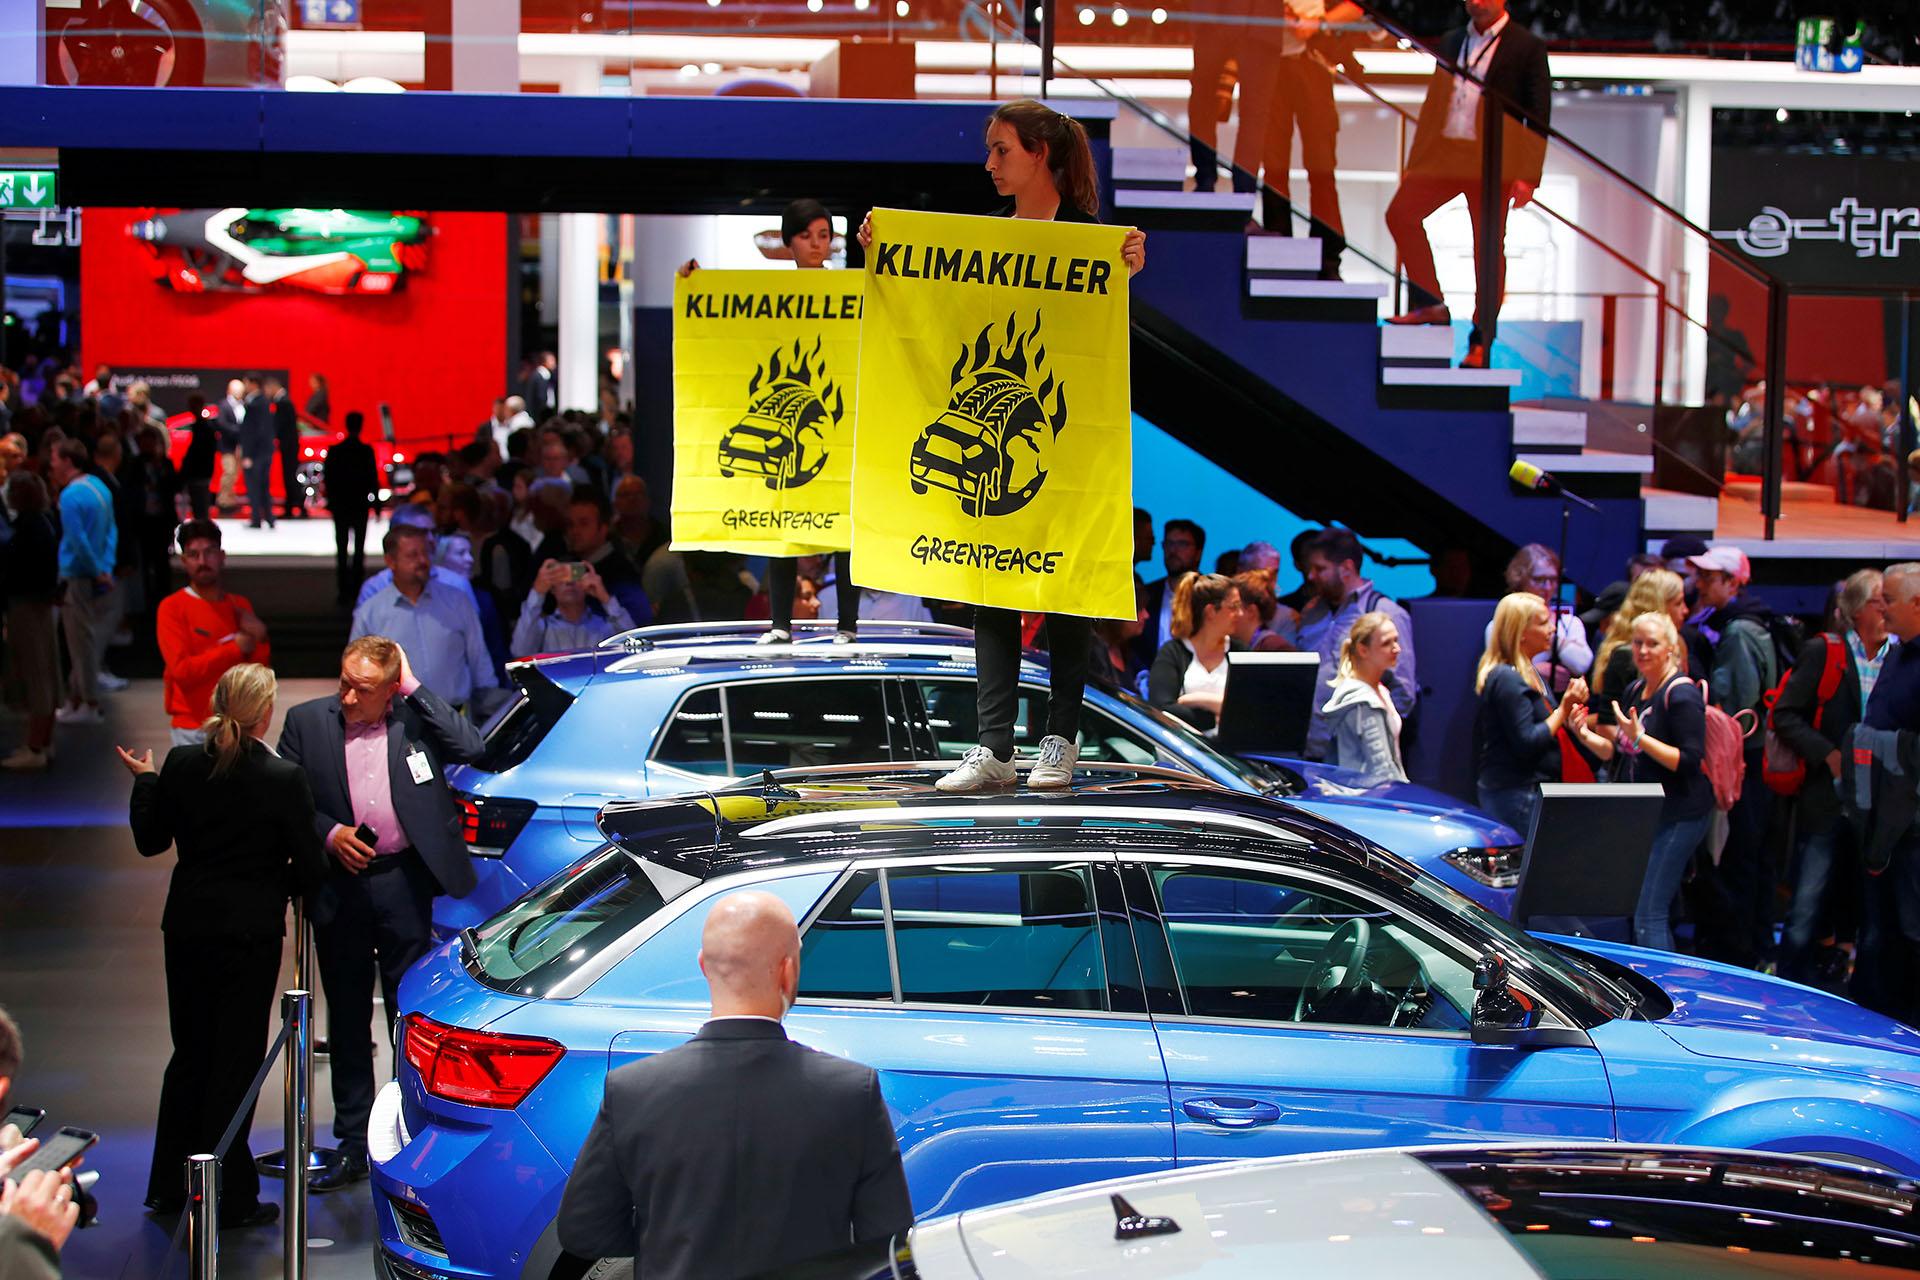 """Mientras Merkel se dirigía a la feria, un pequeño grupo de manifestantes en las afueras de la misma exhortaban a """"proteger el clima en lugar de los todoterrenos"""" en pancartas, presagiando una protesta más grande programada para el sábado"""